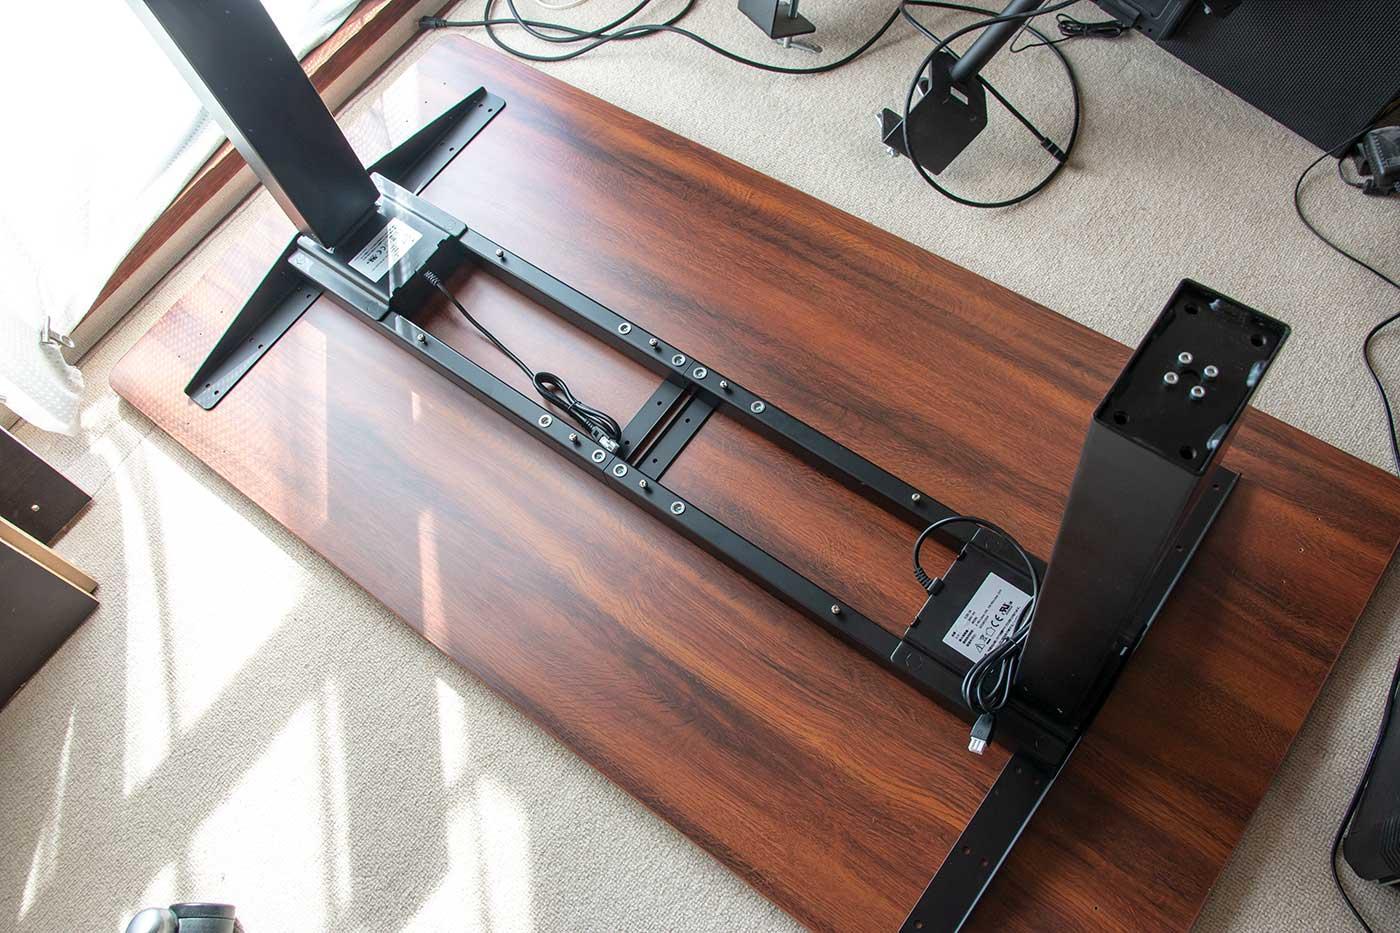 自動昇降スタンディングデスクを組み立てているところ